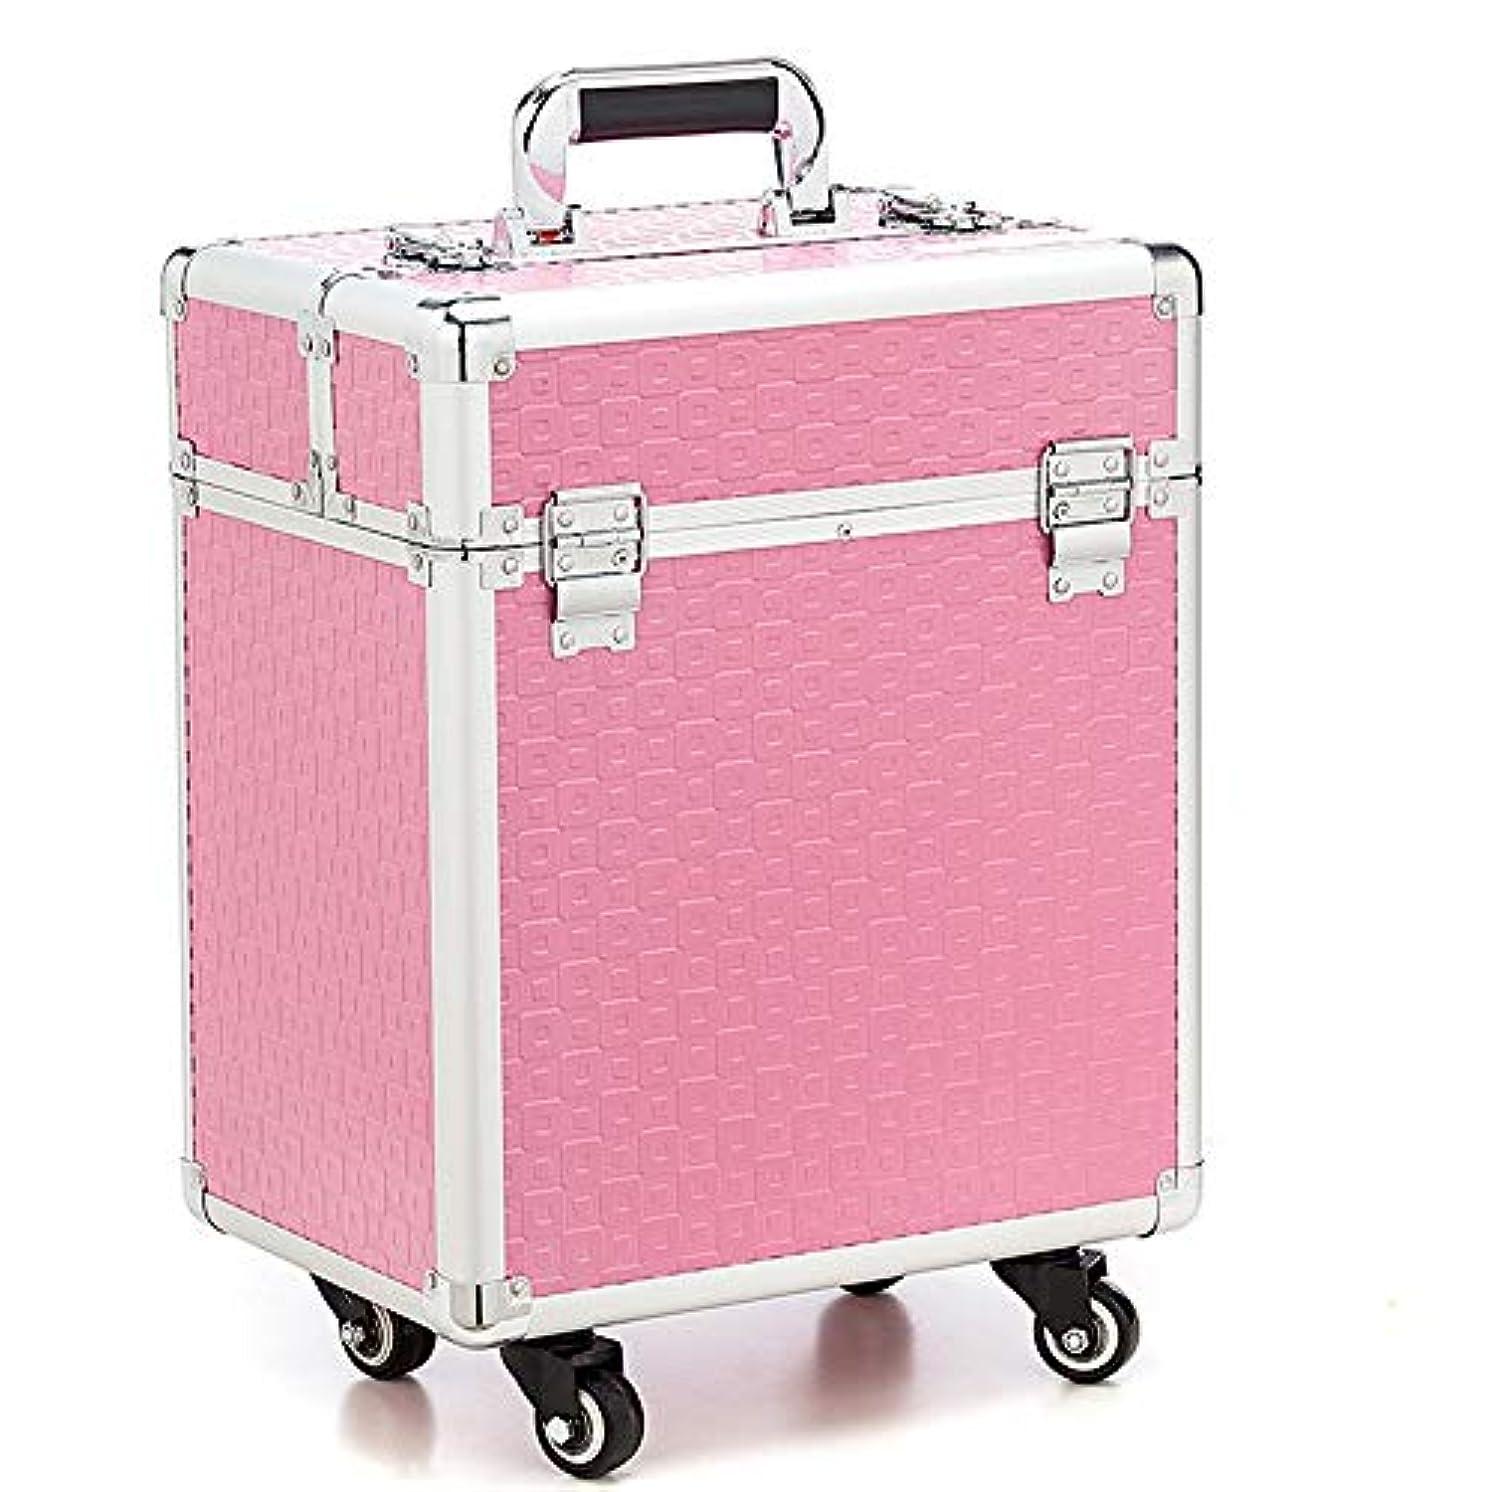 授業料アラビア語スライム化粧オーガナイザーバッグ 360度ホイール3イン1プロフェッショナルアルミアーティストローリングトロリーメイクトレインケース化粧品オーガナイザー収納ボックス用ティーンガールズ女性アーティスト 化粧品ケース (色 : ピンク)